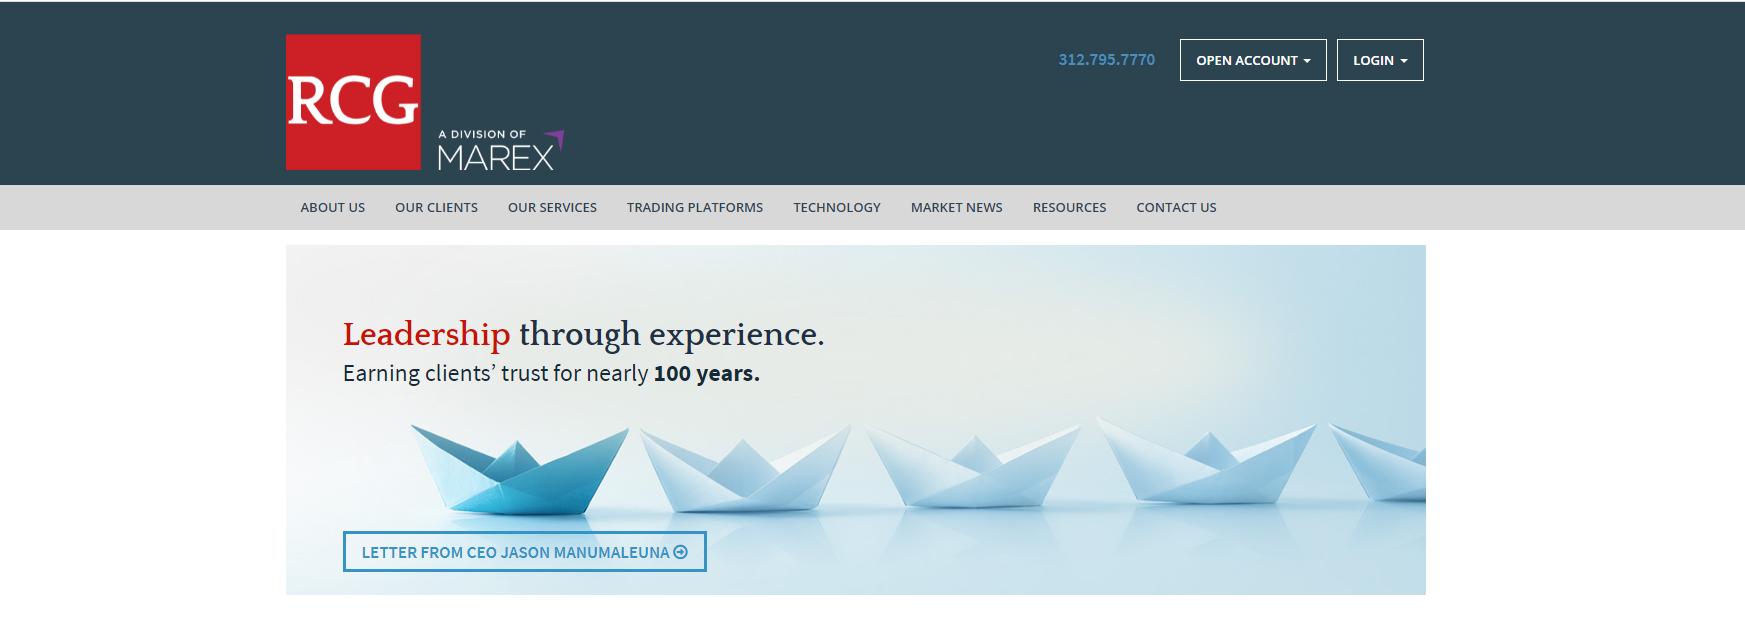 официальный сайт брокера rosenthal collins group